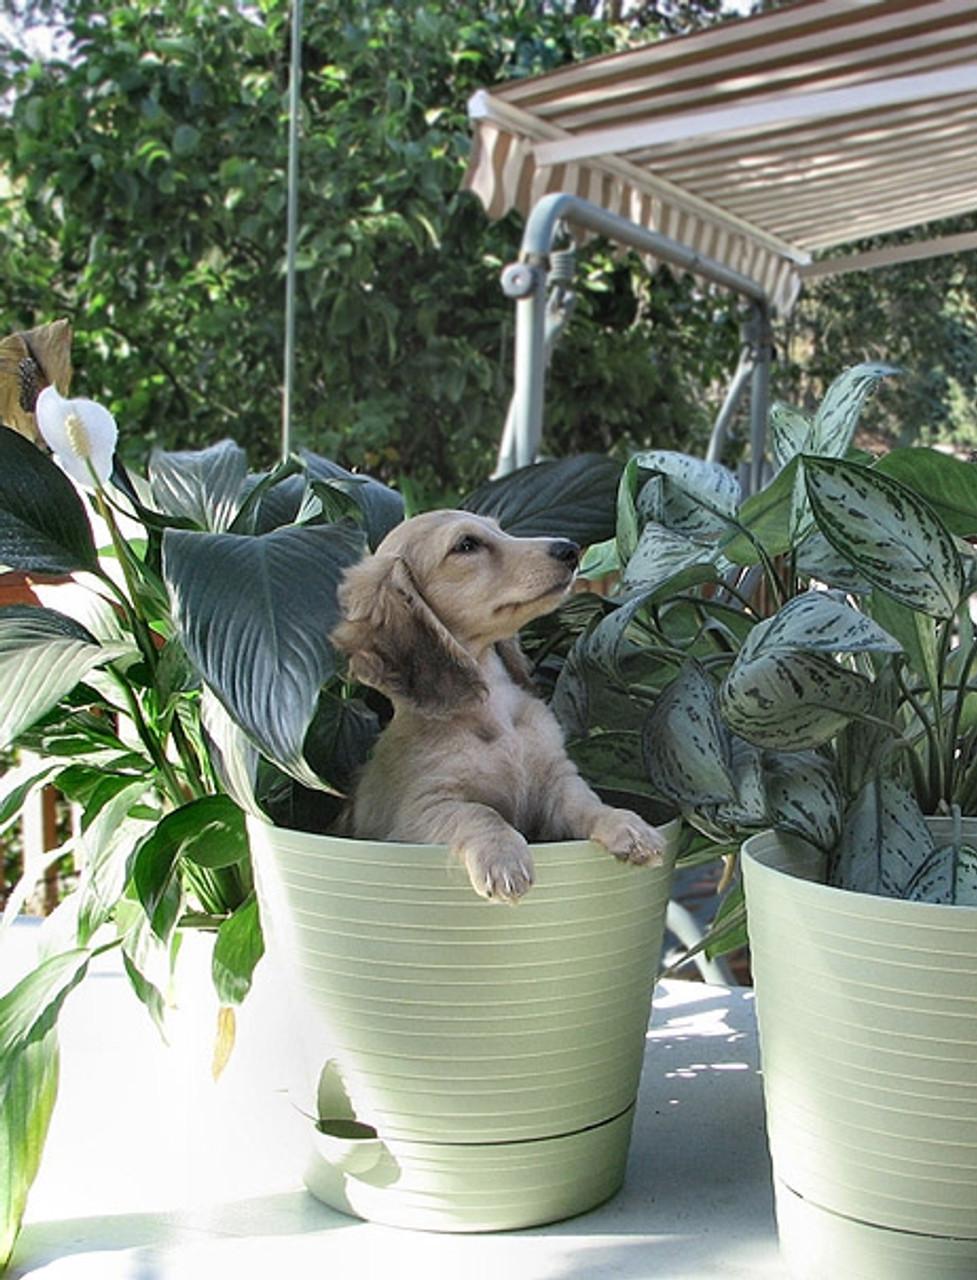 Sue's dachshund